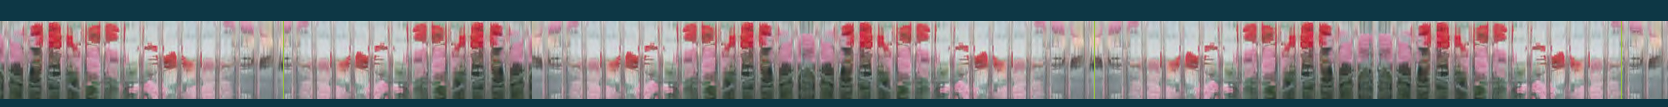 Glashausexperte_Palmen_Verglasung_8mm_Makrolon_Hauptkatalog_2020_Seite_197.png